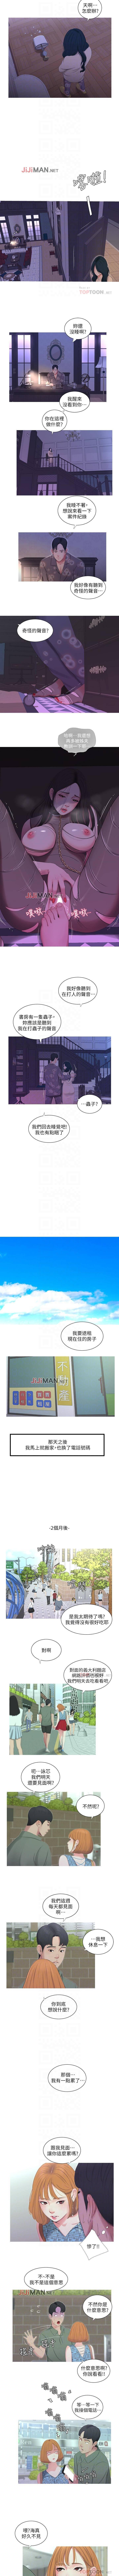 【周四连载】亲家四姐妹(作者:愛摸) 第1~27话 60